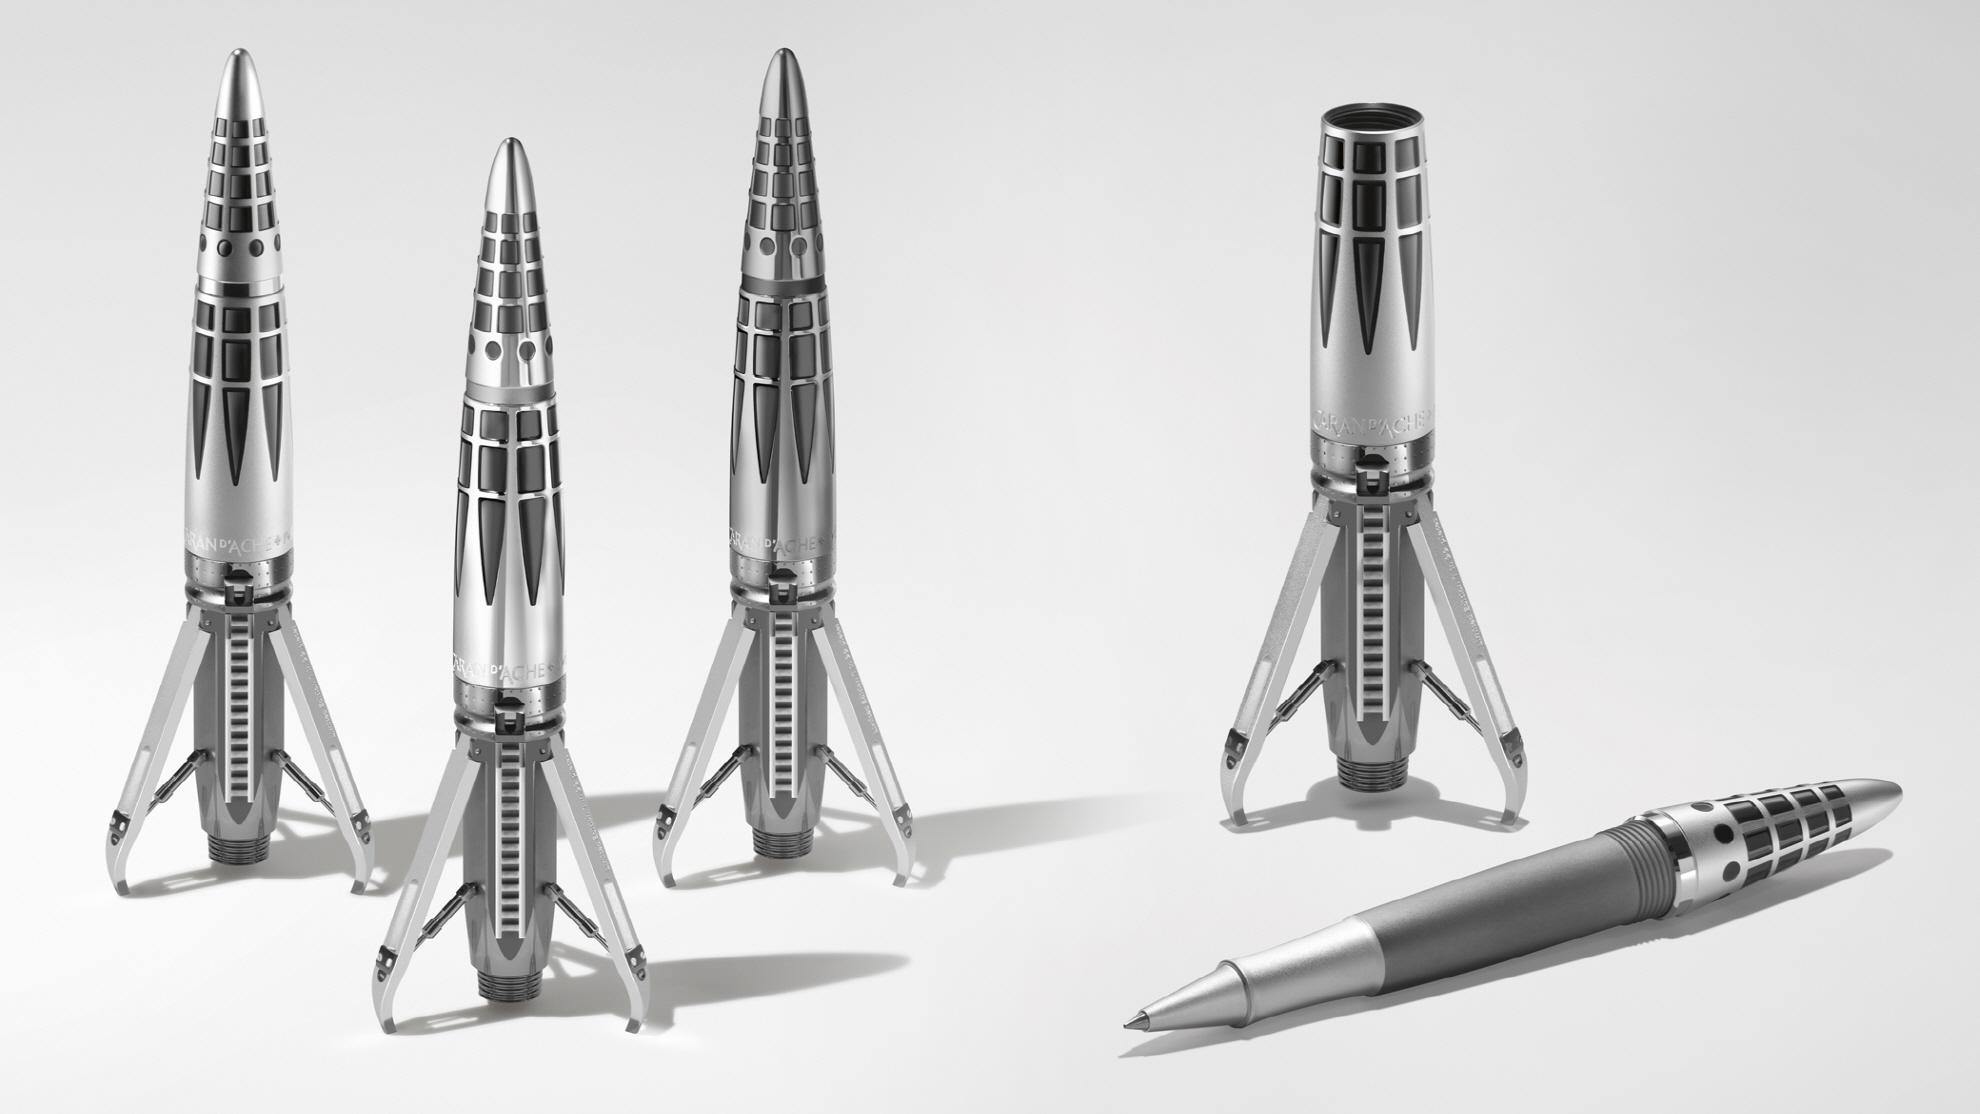 2250만원짜리 '우주선' 펜 나와…스위스 시계 제조사